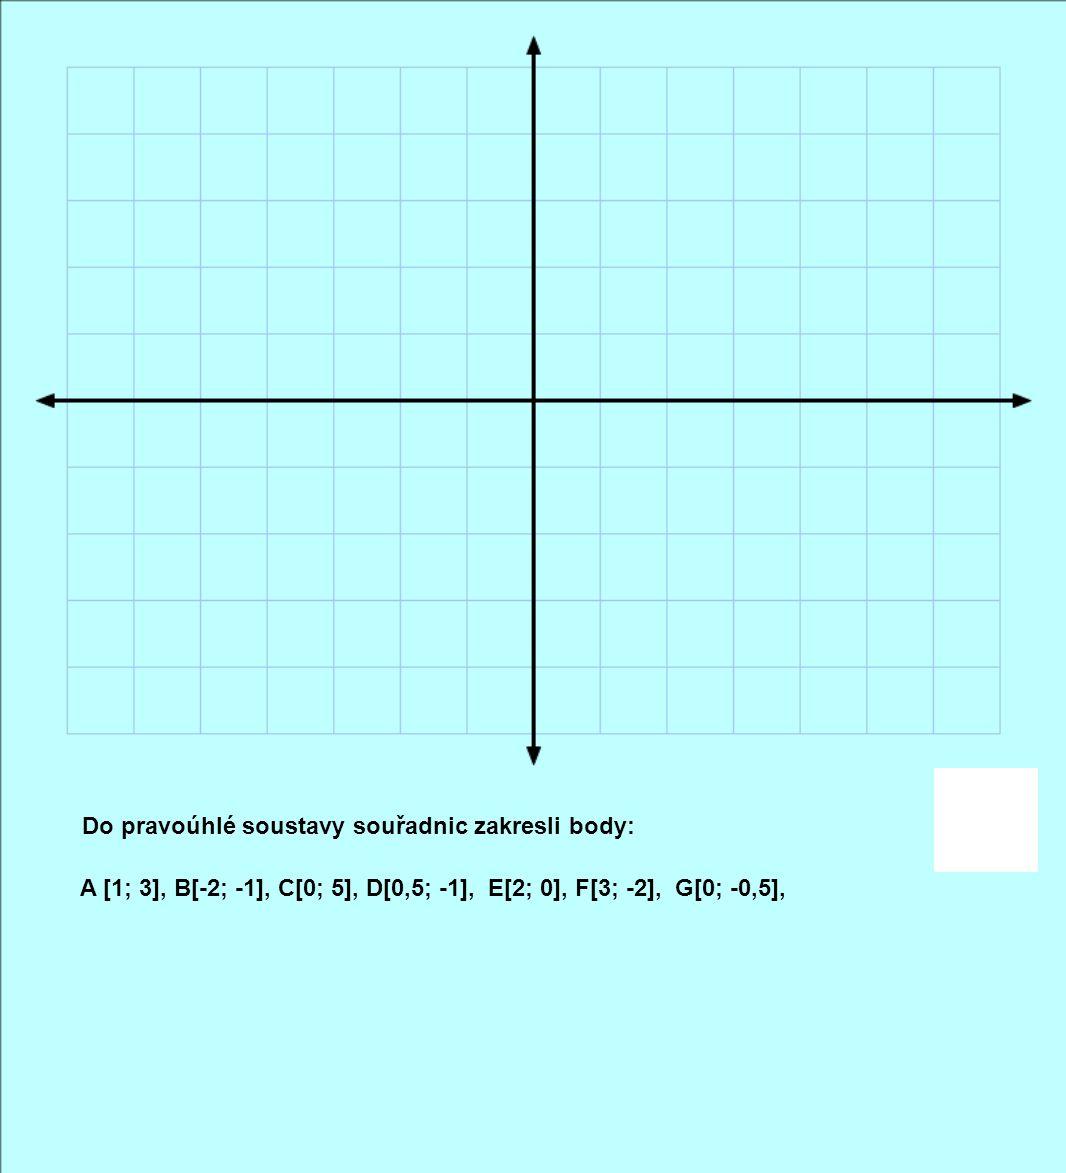 Do pravoúhlé soustavy souřadnic zakresli body: A [1; 3], B[-2; -1], C[0; 5], D[0,5; -1], E[2; 0], F[3; -2], G[0; -0,5],